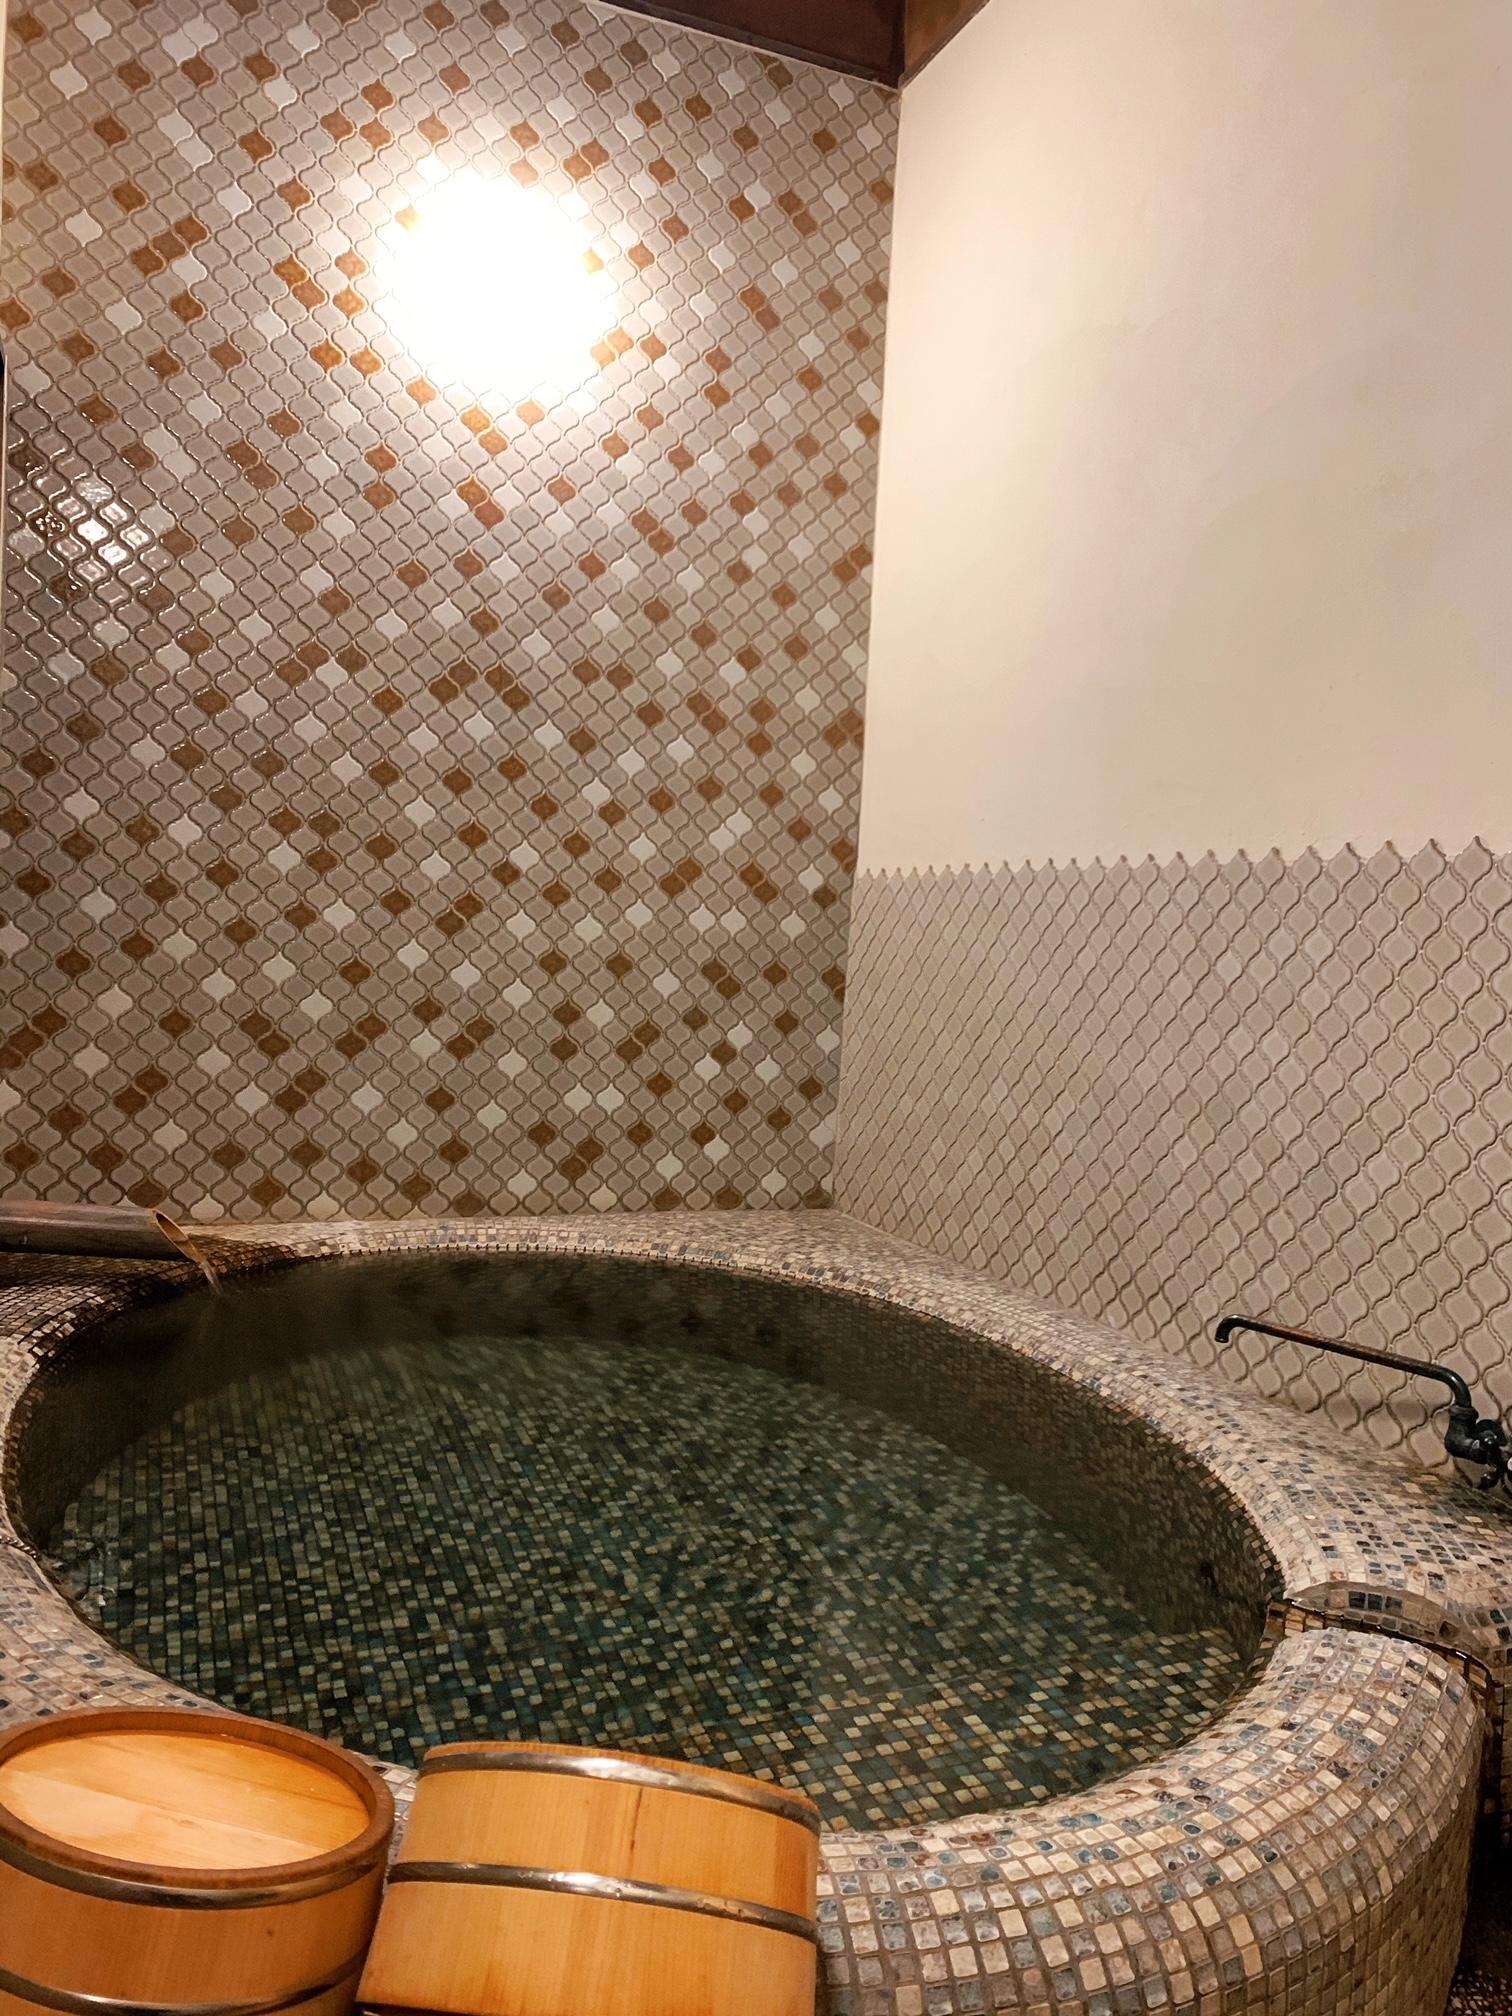 【女子旅】《露天風呂・すな湯・むし湯・貸切風呂・地獄蒸し》を堪能できるお洒落な温泉宿♡_8